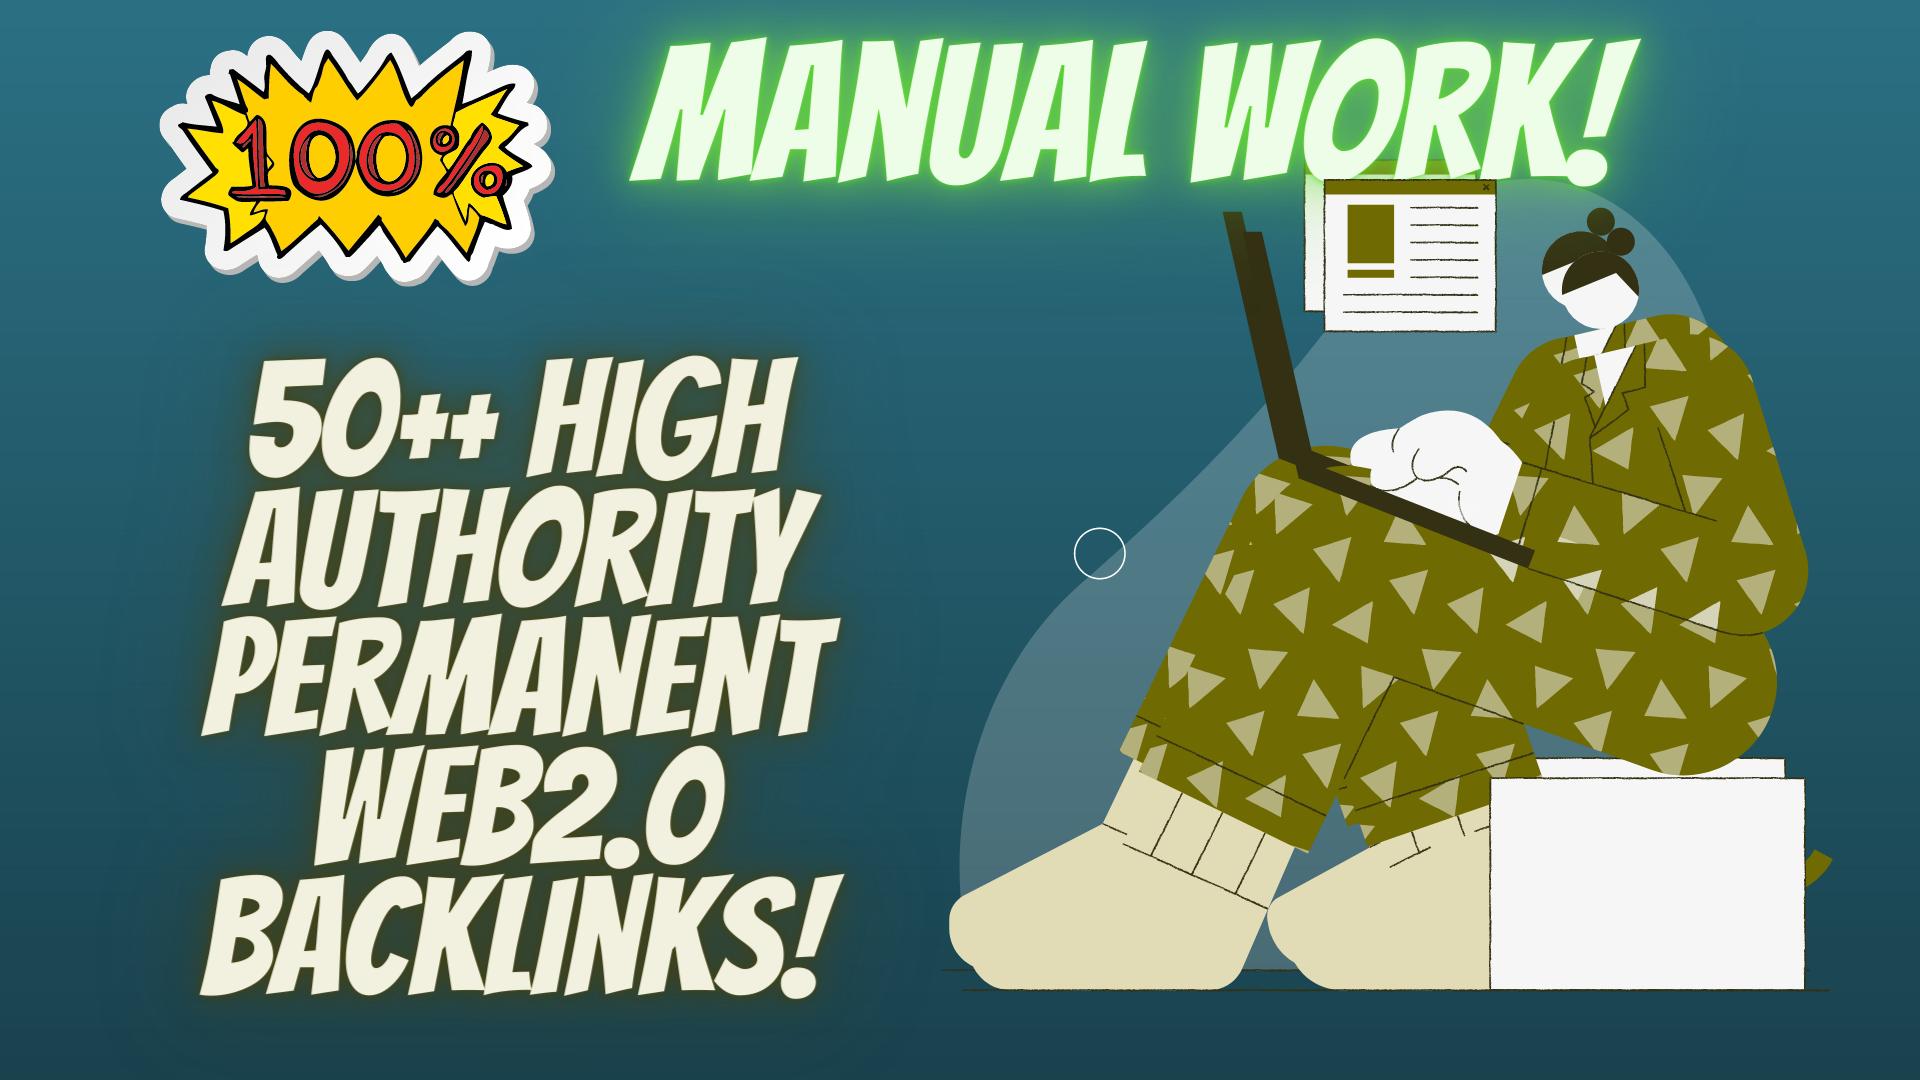 I will do Manually 50 High Authority Permanent Web2.0 Backlinks.